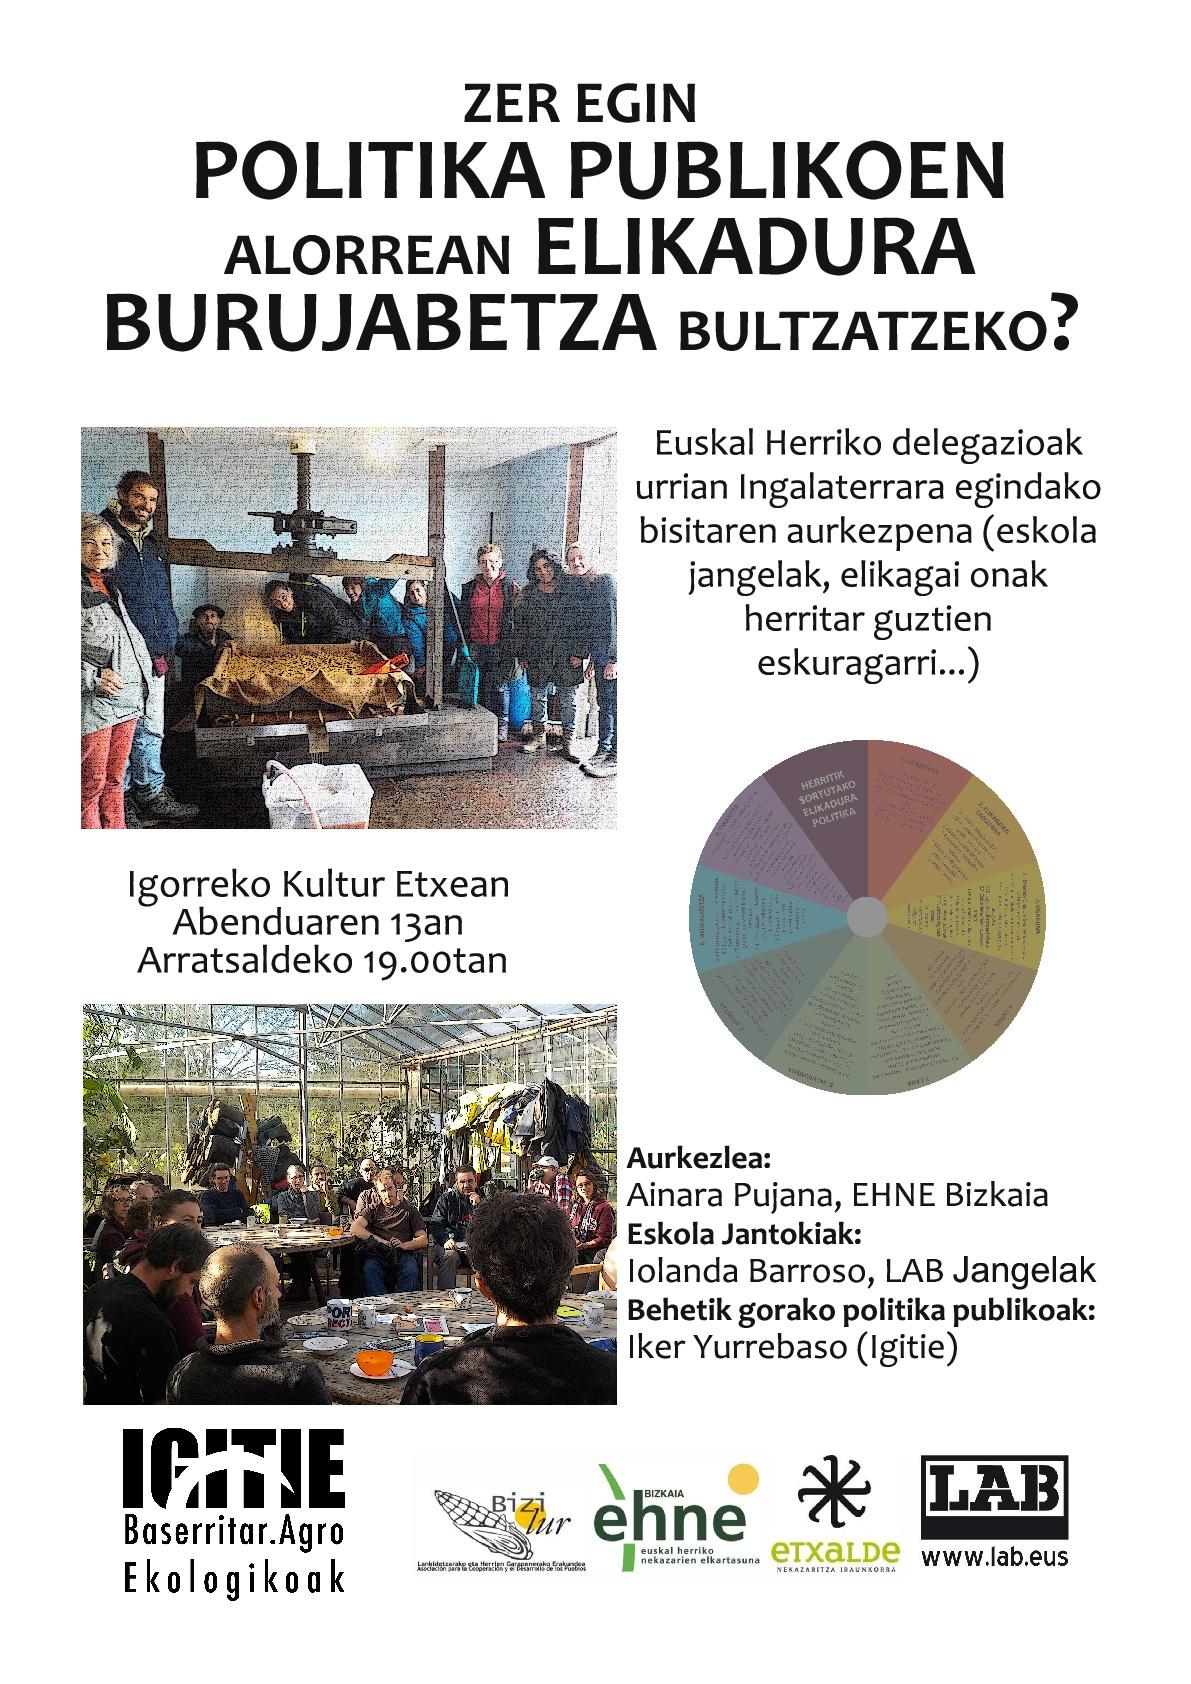 20171213 Erresuma Batuko Esperientziak - AURKEZPENA-001